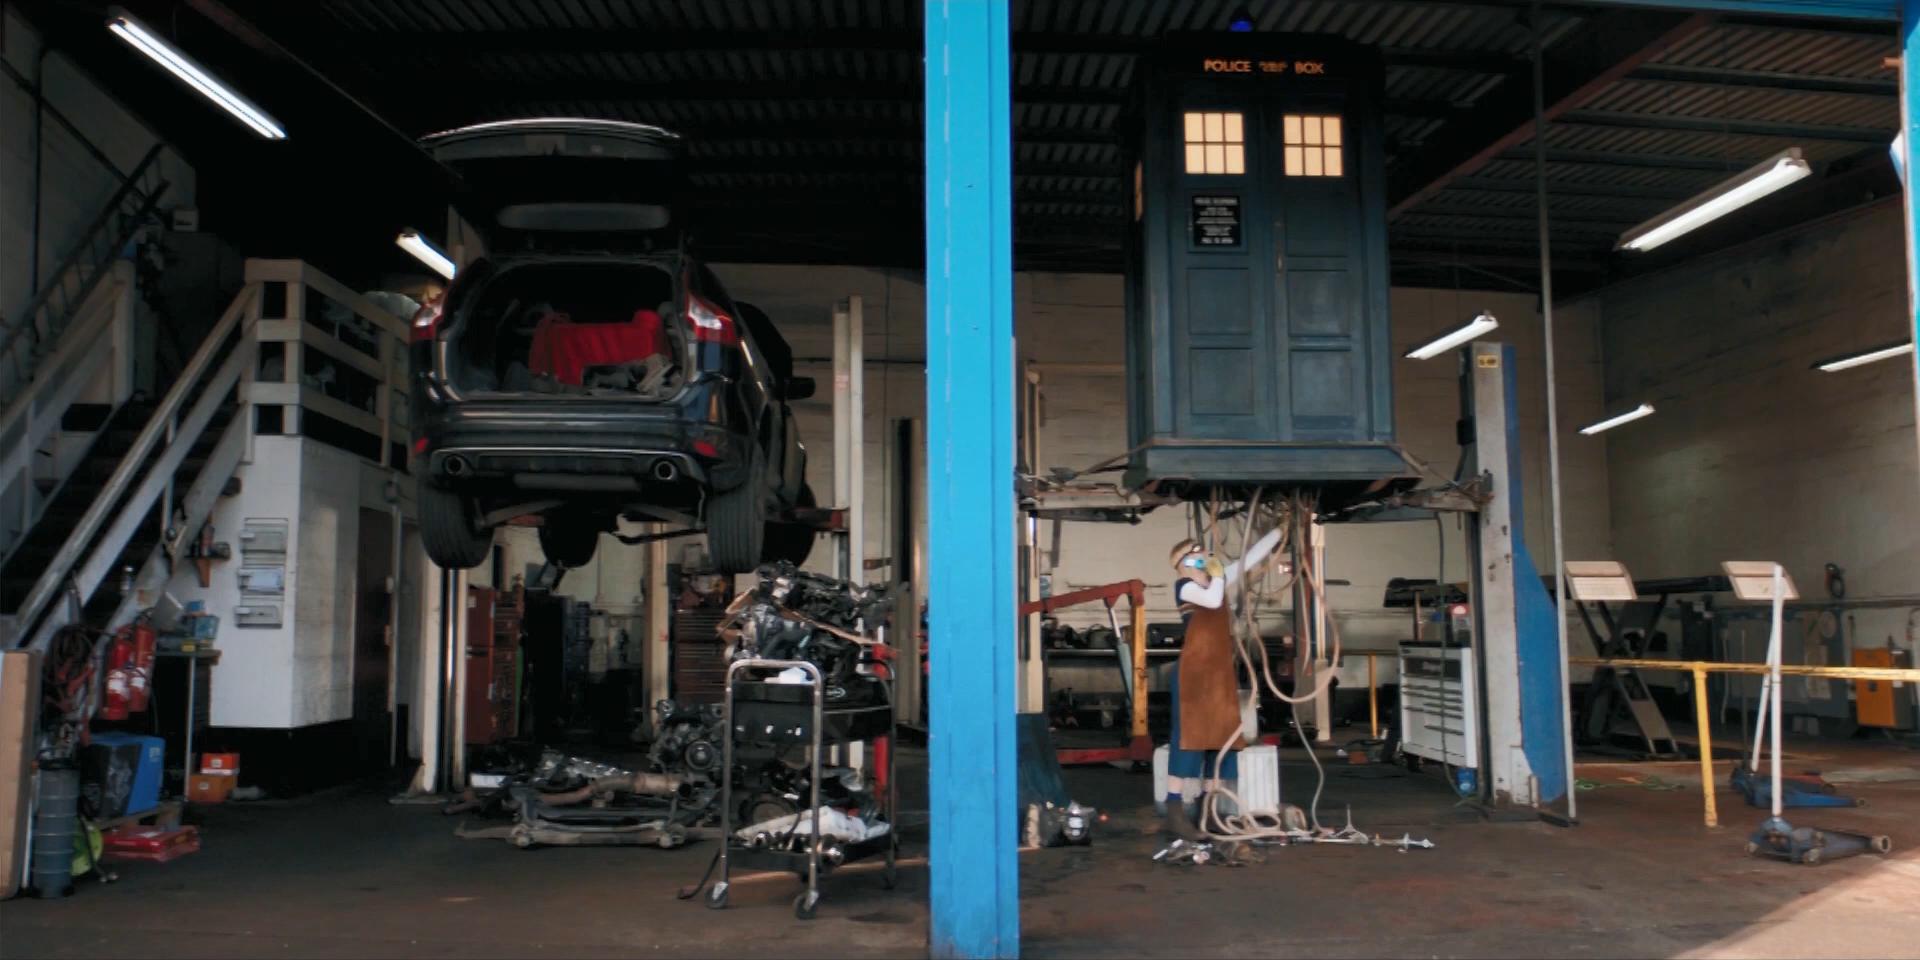 Изображение для Доктор Кто / Doctor Who, Сезон 12, Серия 1-10 из 10 (2019) HDTVRip 1080p (кликните для просмотра полного изображения)